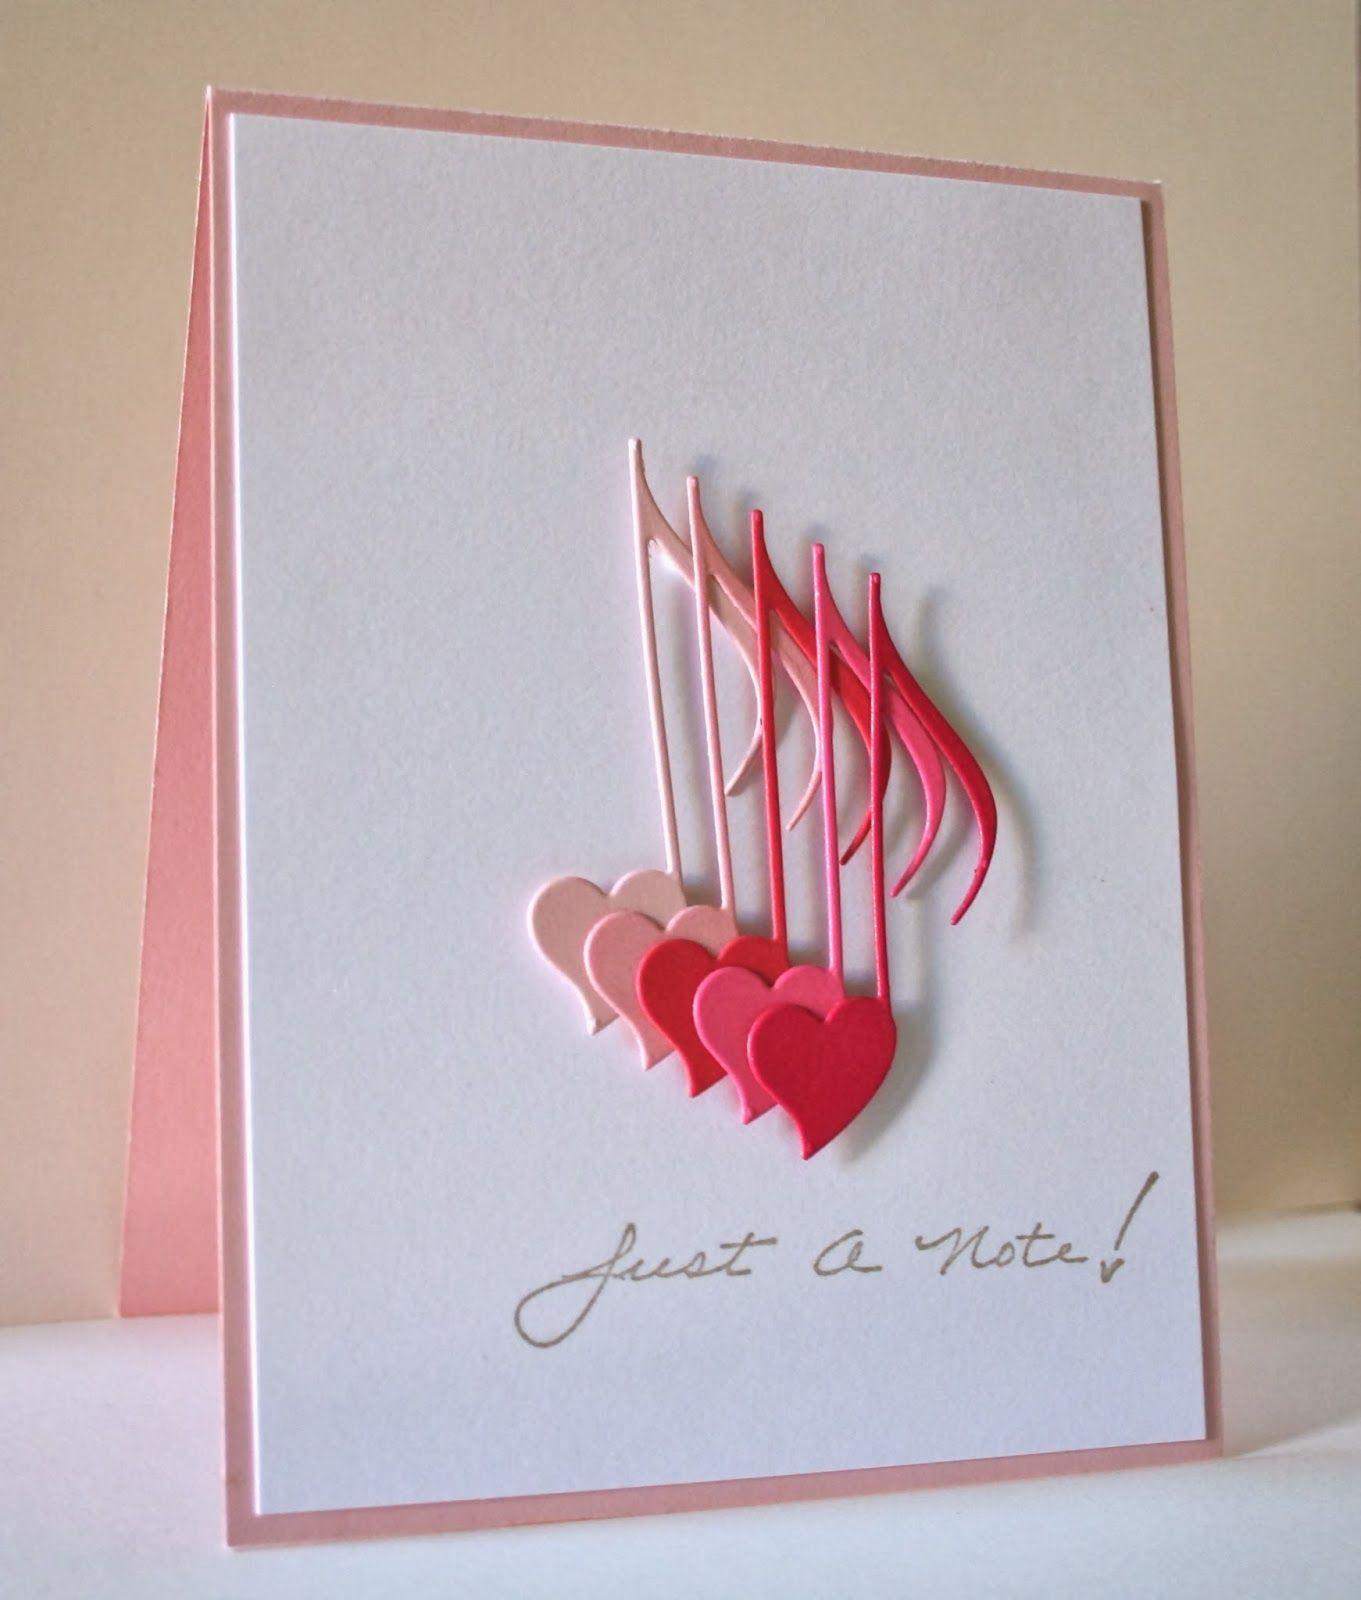 Unique Handmade Valentine Card Design Downloadtarget Simple Cards Valentines Cards Cards Handmade